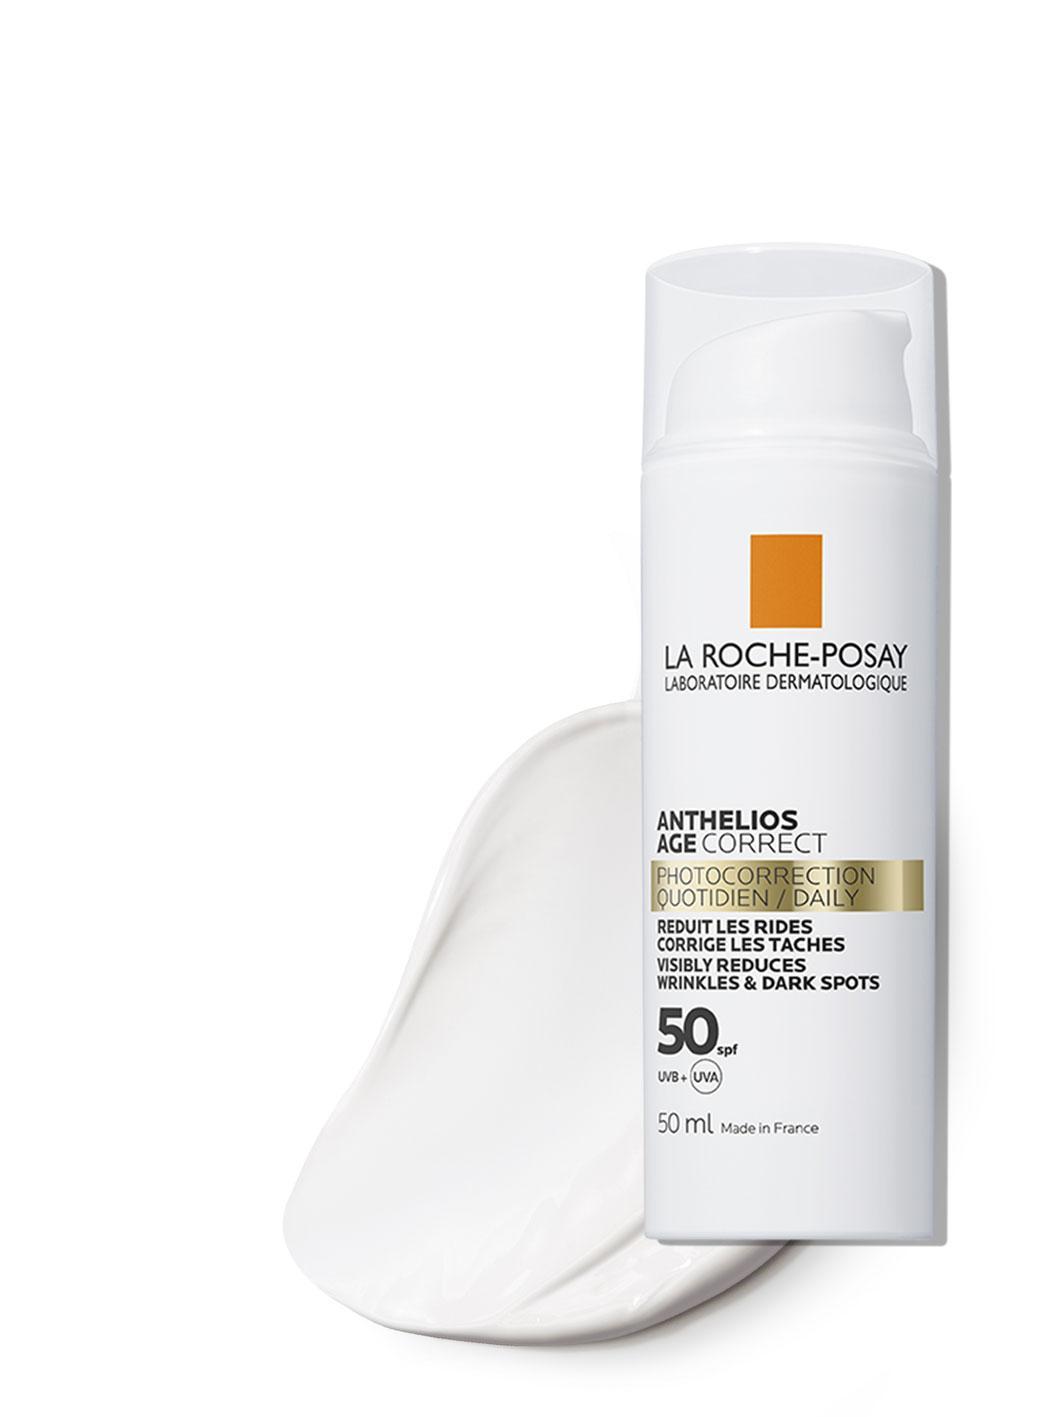 Voor de stedelijke huid: Anthelios Age Correct SPF 50